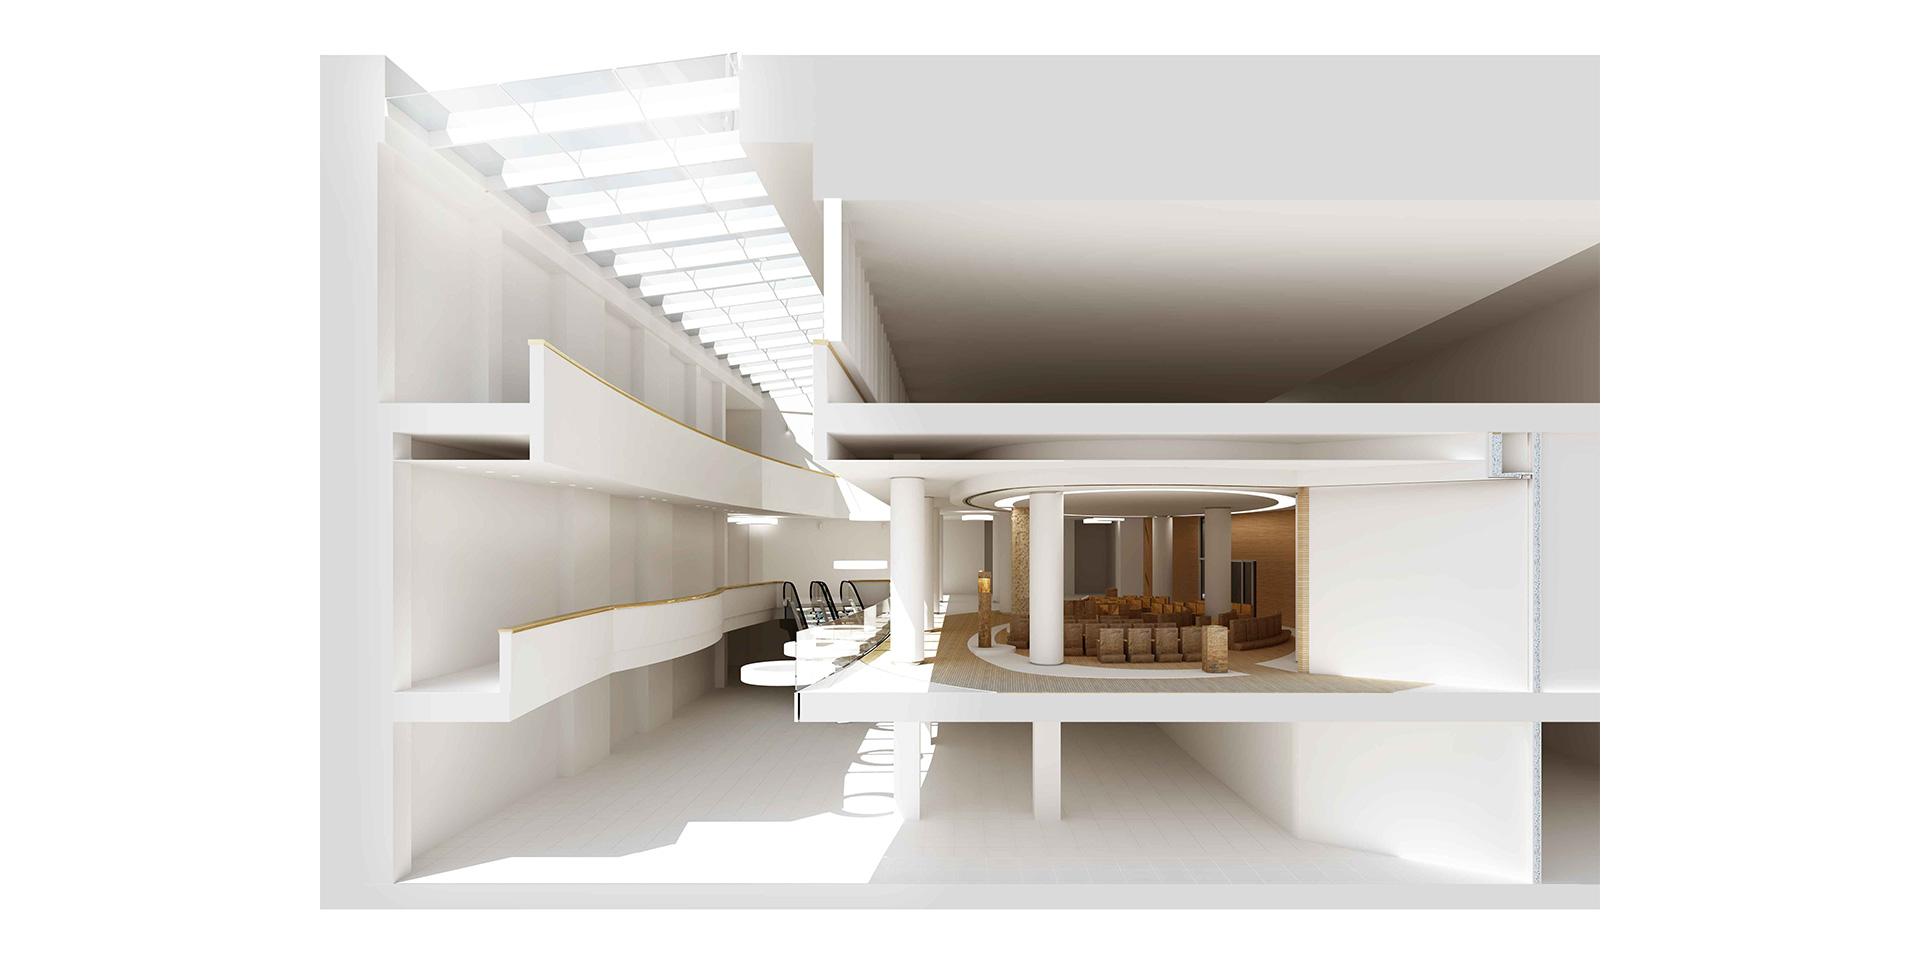 Cappella DEAS Careggi, Firenze, Binini Partners, Società di architettura e ingegneria